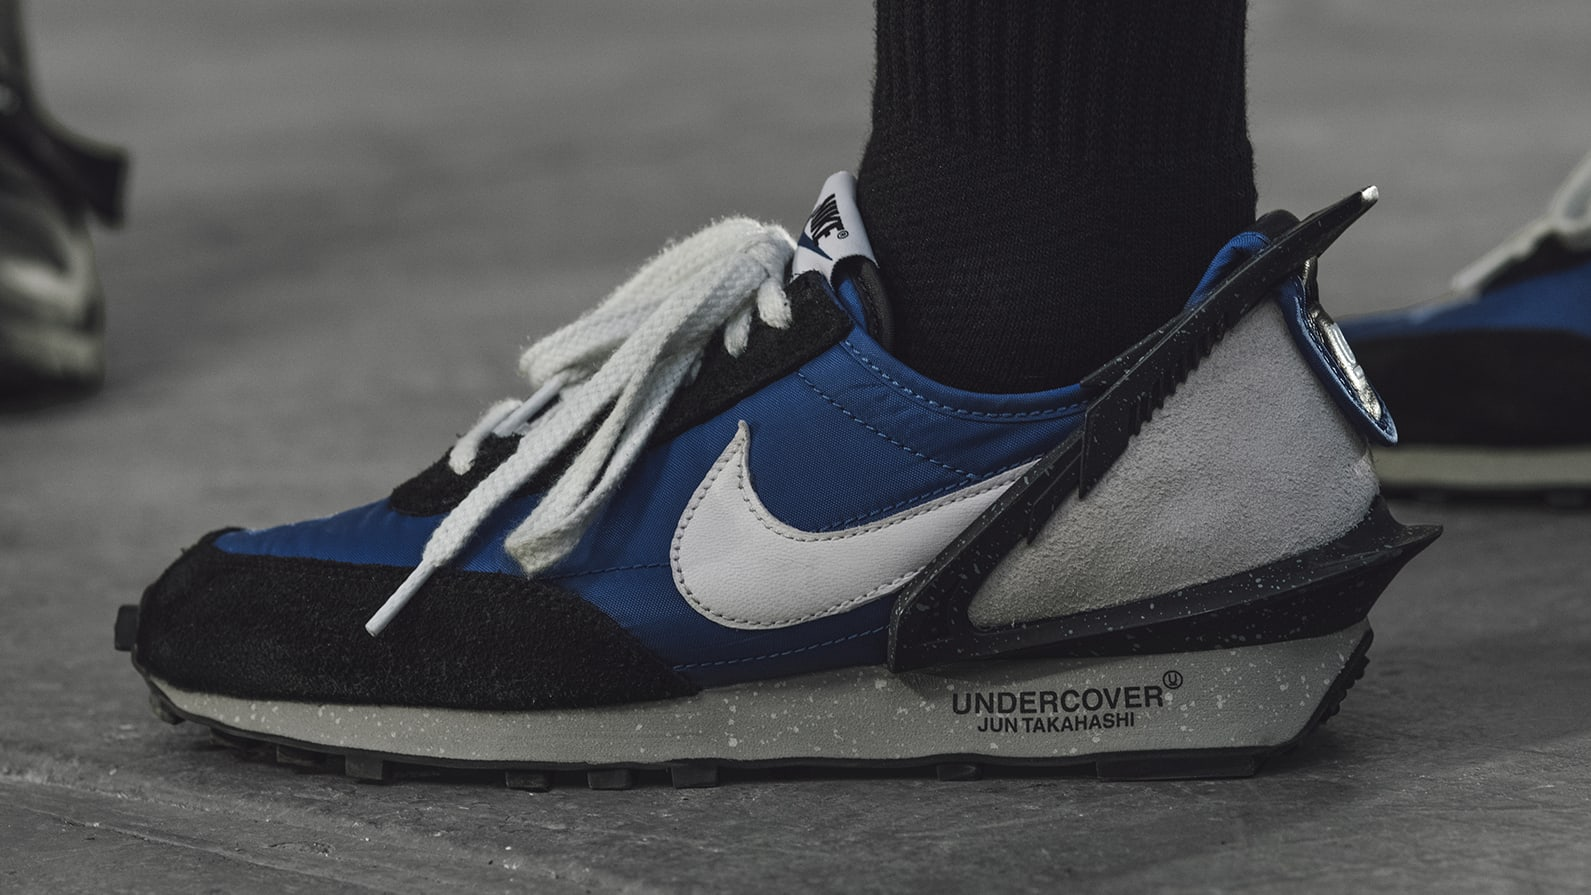 official photos bf7e0 e271e Undercover Nike Daybreak